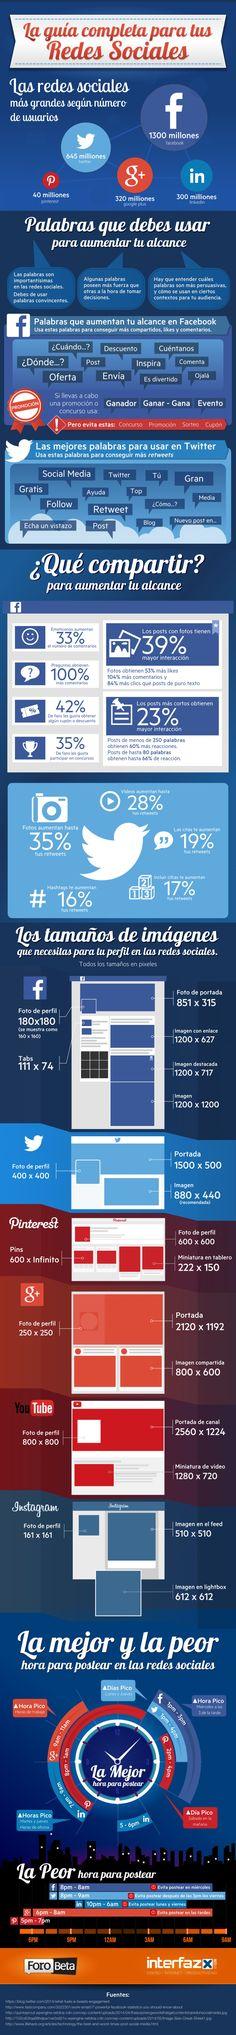 La guía completa para tus redes sociales Infographic                                                                                                                                                                                 Más